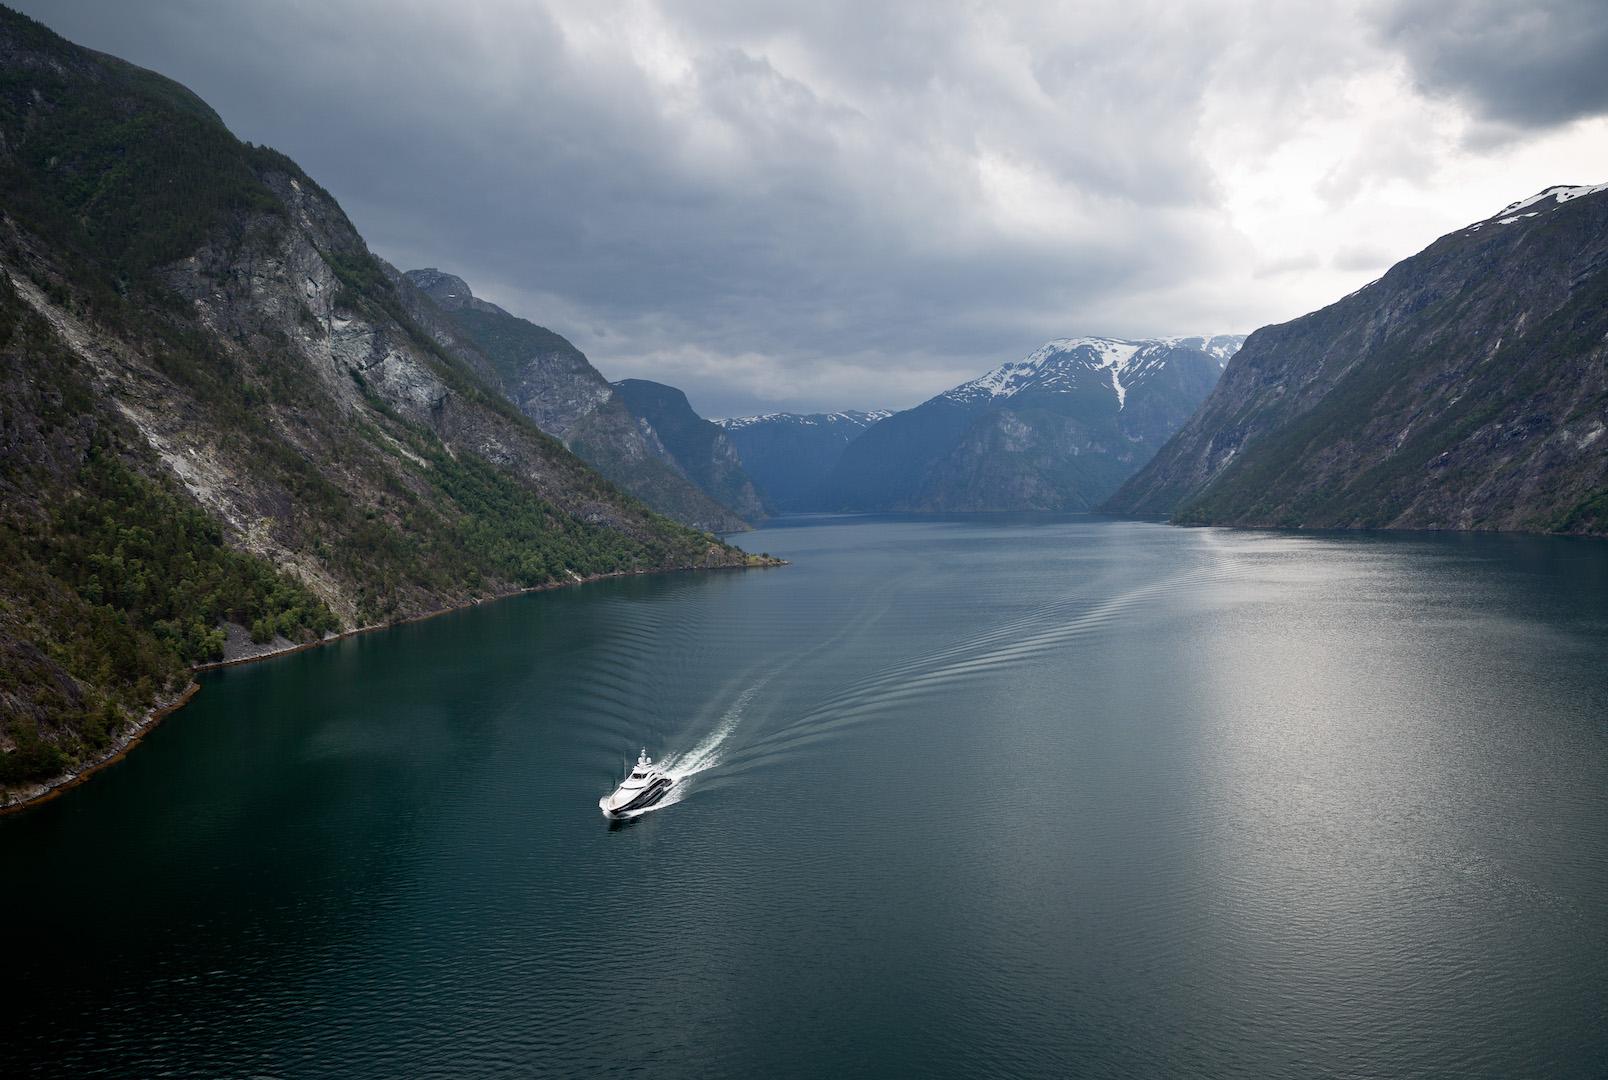 Superyacht Ann G in Norway - Photo courtesy Jeff Brown